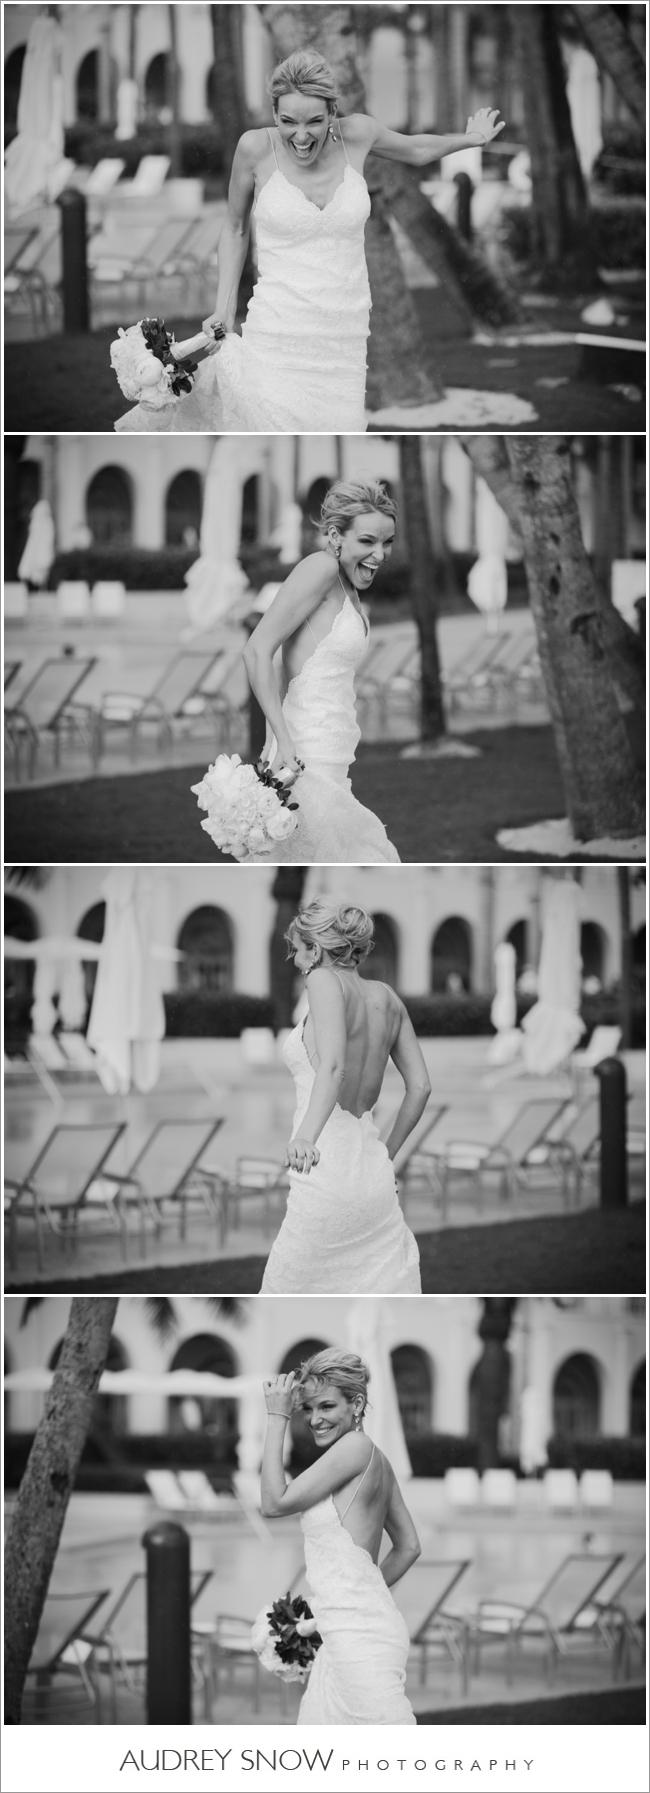 audreysnow-casa-marina-key-west-wedding-photography_0720.jpg